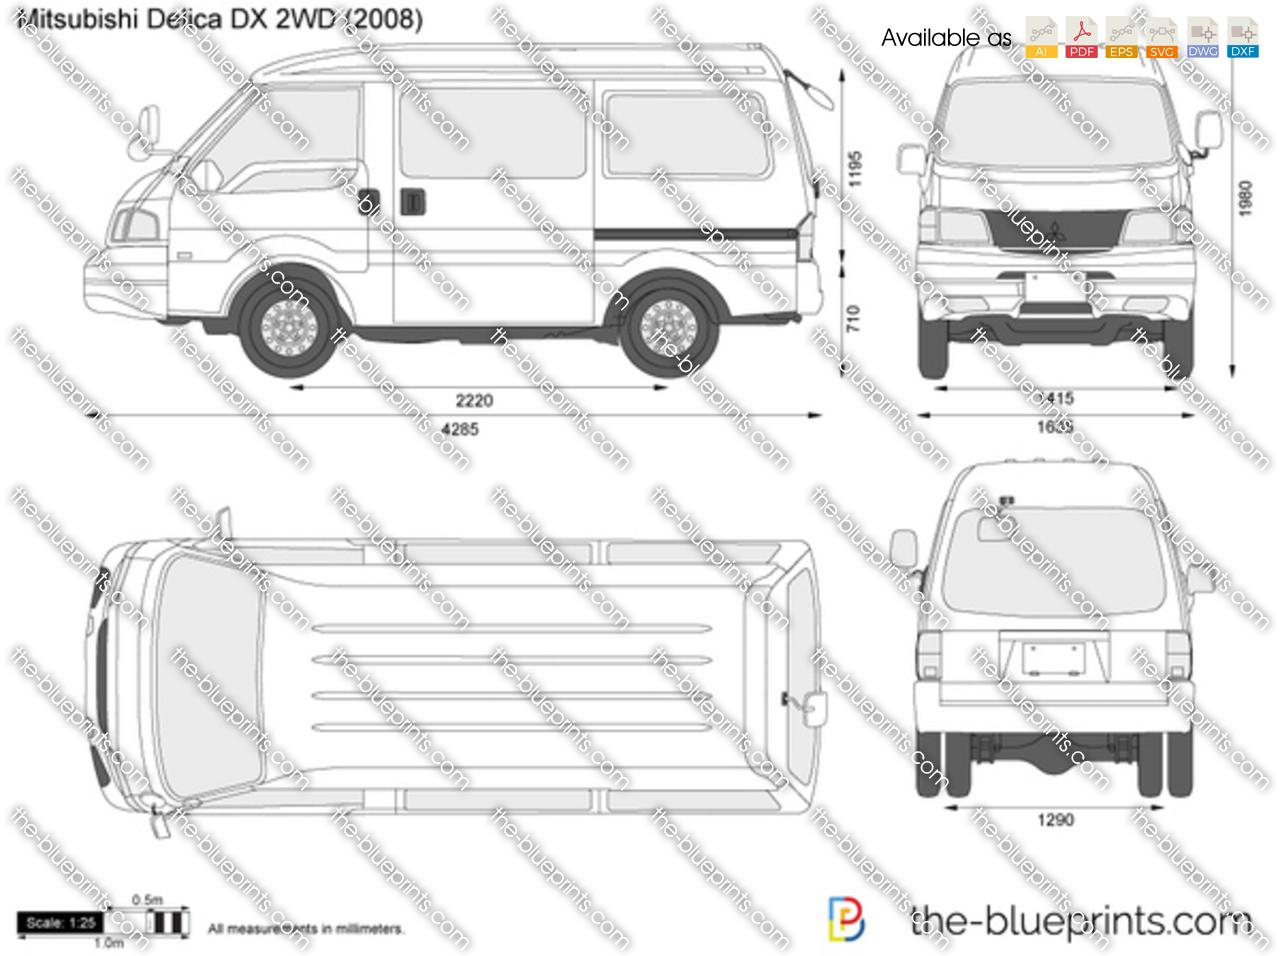 Mitsubishi Delica DX 2WD 1998